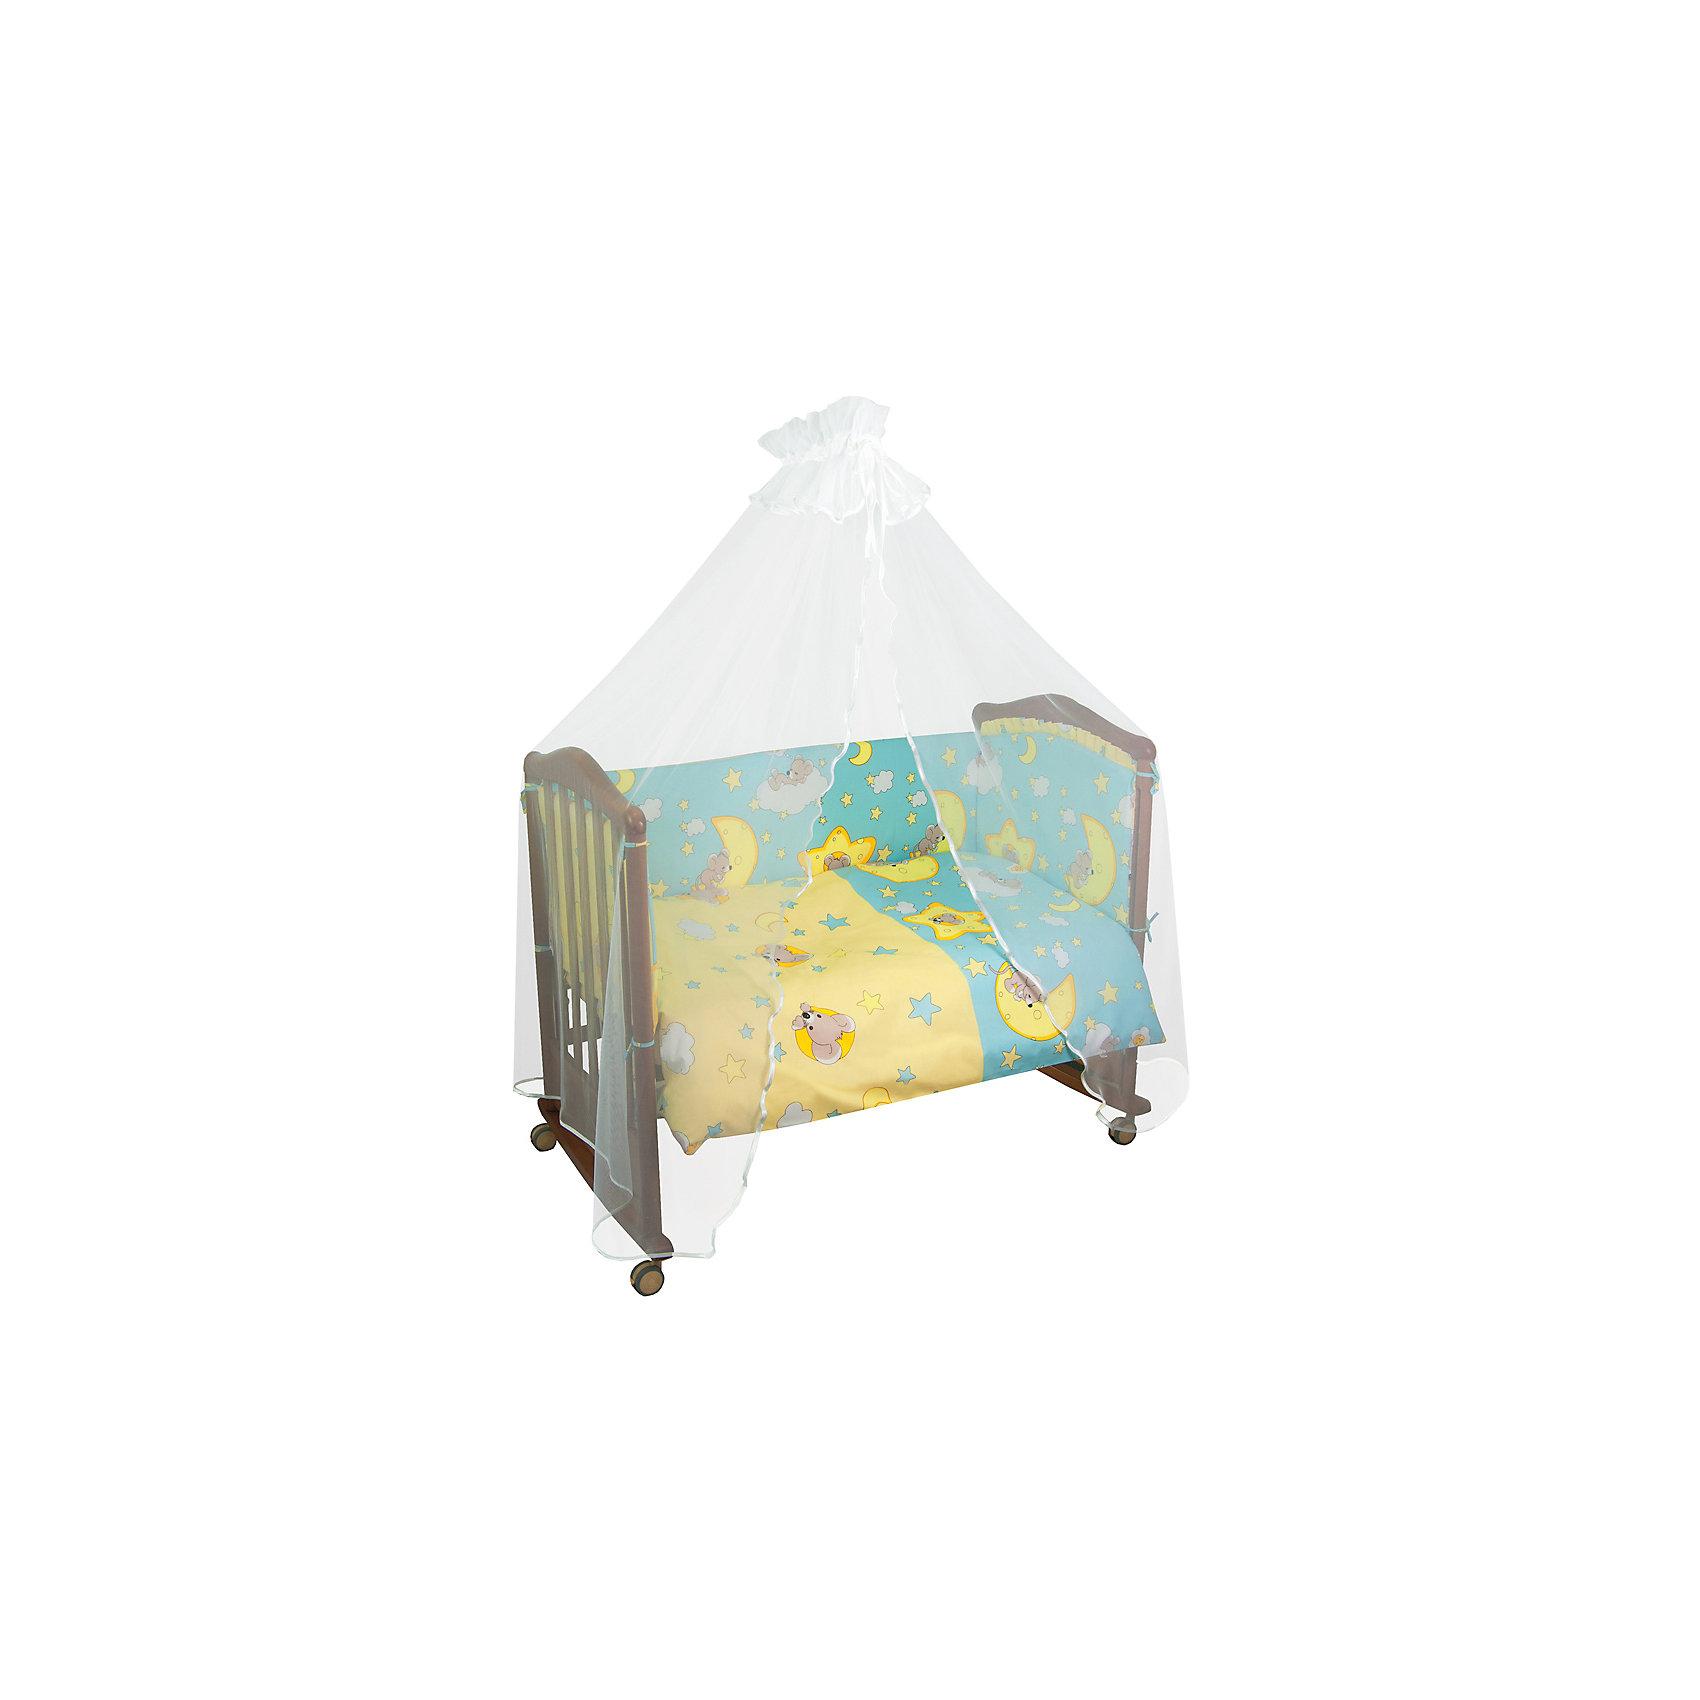 Борт Сыроежкины сны, Тайна снов, голубойБорт Сыроежкины сны, Тайна снов, голубой - прекрасно подойдет для кроватки вашего малыша, добавит комнате уюта и согреет в прохладные дни.<br>Борт «Сыроежкины сны» обеспечит Вашему малышу комфорт и безопасность. Борт защитит младенца от сквозняков, пыли и солнца, а когда малыш подрастет и начнет активно двигаться и вставать в кроватке - убережет от возможных ушибов и травм. Кроме того, борт способствует более быстрому засыпанию, поскольку малыша ничего не будет отвлекать извне. Бортик выполнен в привлекательном для ребенка дизайне с голубой и желтой расцветкой и украшен красочным рисунком, с изображением, спящих мышек. Высокий борт состоит из четырех частей, легко крепится по всему периметру кроватки при помощи текстильных завязок. Материал съемной обшивки – нежная бязь (100% хлопок), мягкая приятная на ощупь ткань, не вызывает аллергии и хорошо пропускает воздух. Деликатные швы рассчитаны на прикосновение к нежной коже ребёнка. Наполнитель - Холлофайбер Хард - гипоаллергенный легкий синтетический материал, удерживающий тепло и пропускающий воздух, хорошо держит форму. Борт подходит для кроватки размером 120 х 60 см.<br><br>Дополнительная информация:<br><br>- Цвет: голубой, желтый<br>- Чехол застегивается на пластиковую застежку-молнию и легко снимается для стирки<br>- Материал: бязь (100% хлопок), наполнитель – Холлофайбер Хард (плотность 400 г/кв.м)<br>- Высота: 44 см.<br>- Общая длина: 360 см.<br>- Размер упаковки: 65 х 15 х 40 см.<br>- Вес: 1200 гр.<br><br>Борт Сыроежкины сны, Тайна снов, голубой можно купить в нашем интернет-магазине.<br><br>Ширина мм: 65<br>Глубина мм: 15<br>Высота мм: 40<br>Вес г: 1200<br>Возраст от месяцев: 0<br>Возраст до месяцев: 48<br>Пол: Мужской<br>Возраст: Детский<br>SKU: 4633128